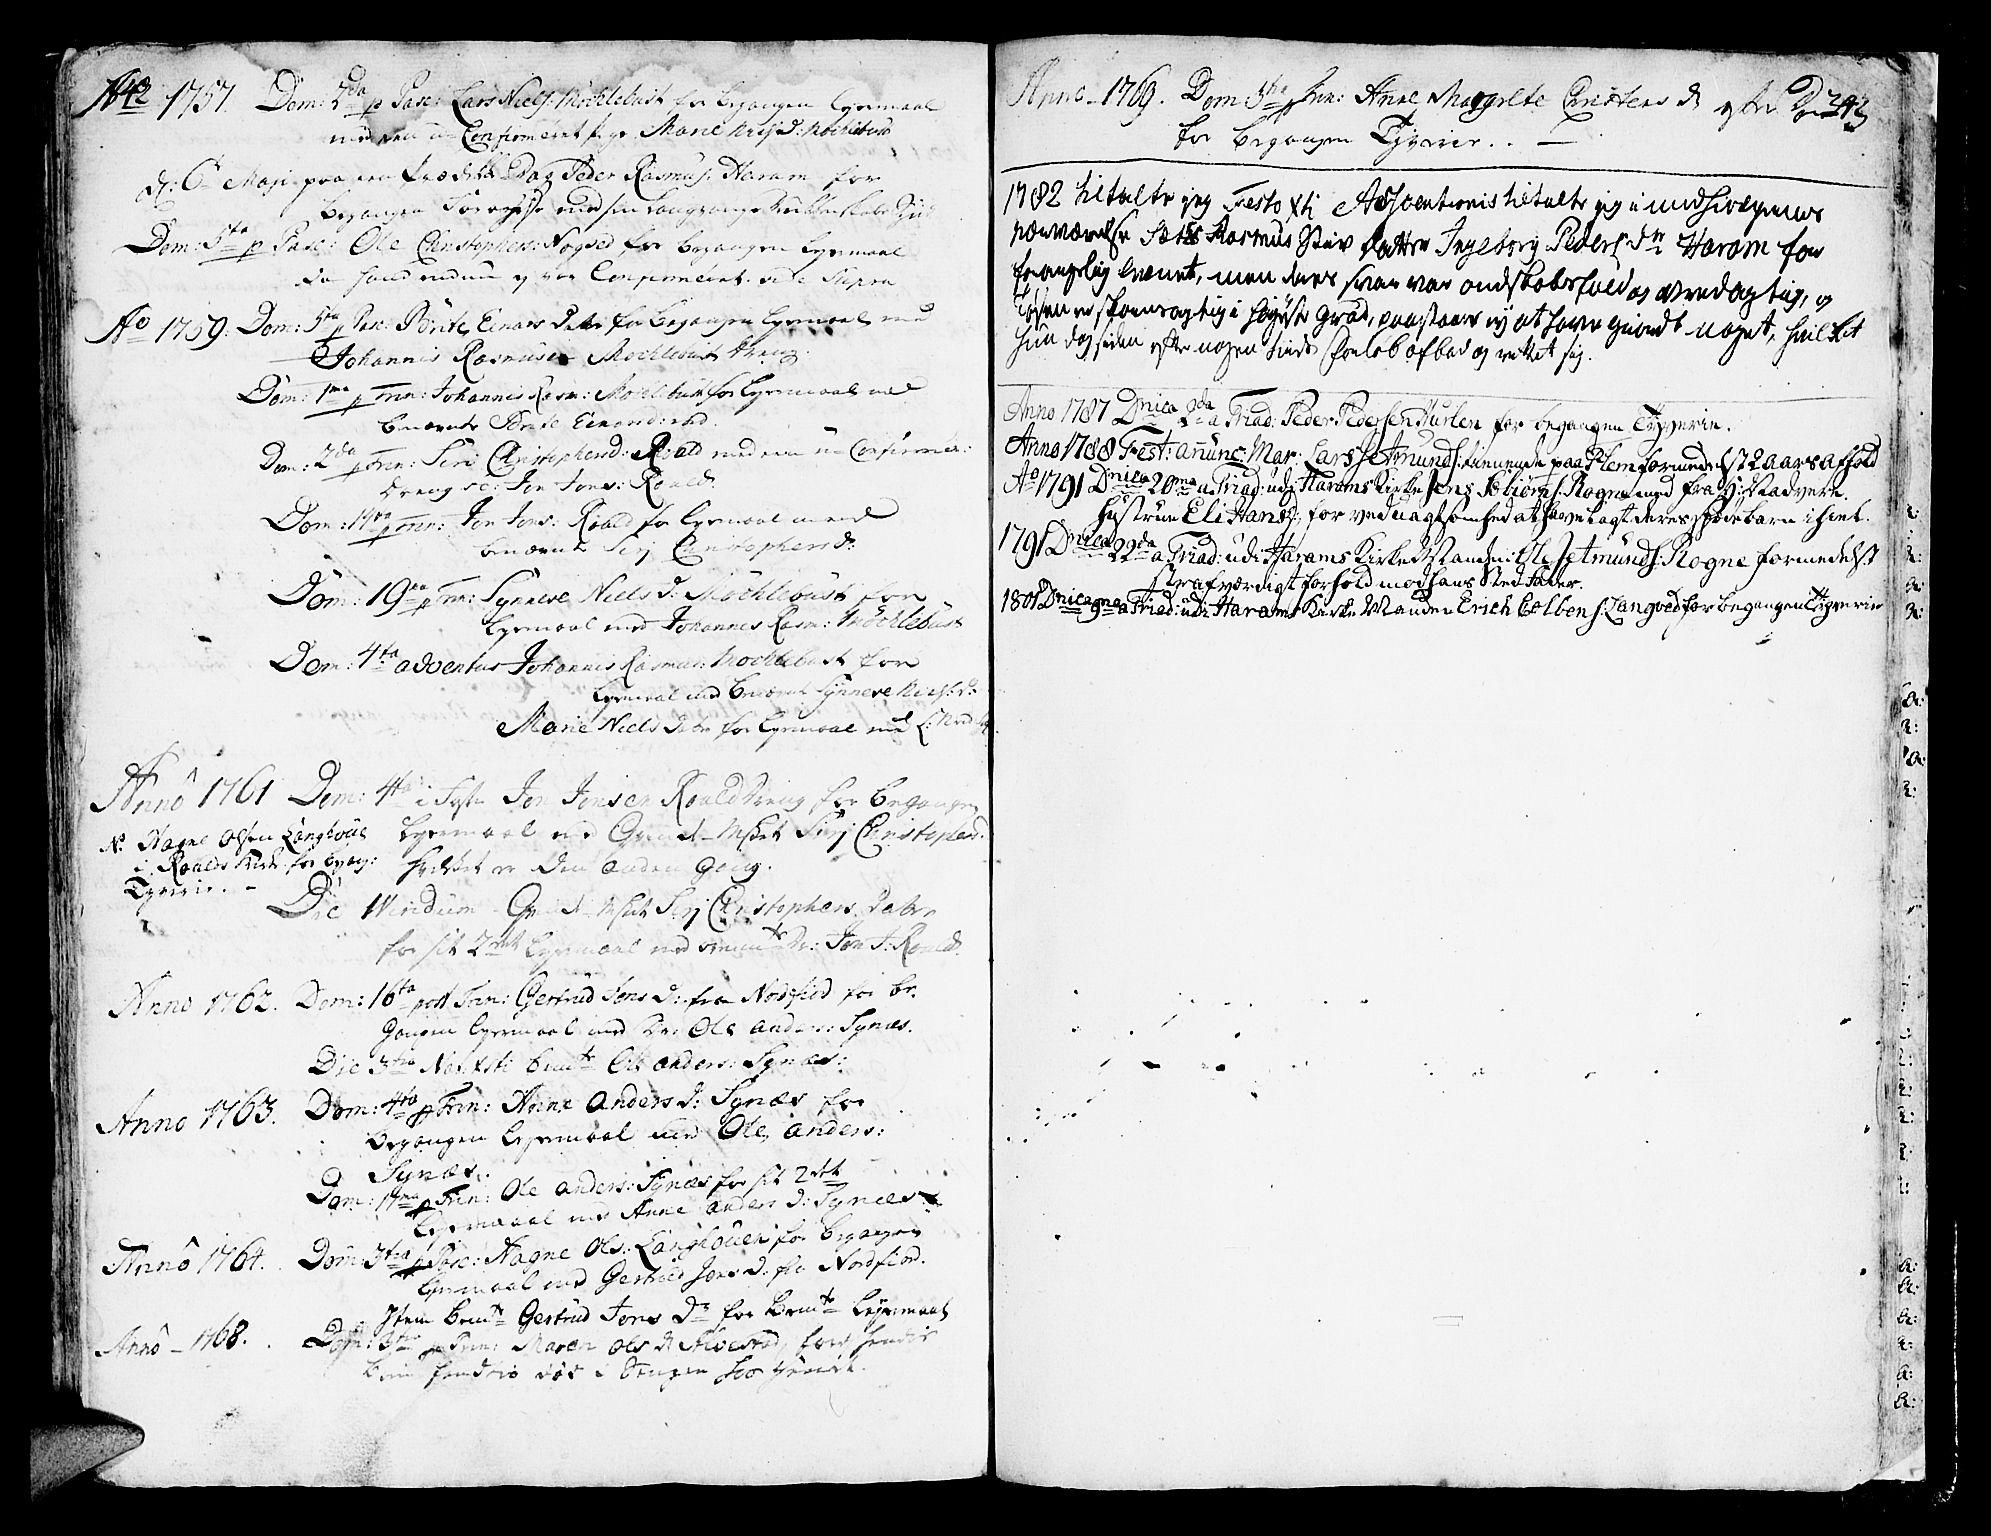 SAT, Ministerialprotokoller, klokkerbøker og fødselsregistre - Møre og Romsdal, 536/L0493: Ministerialbok nr. 536A02, 1739-1802, s. 342-343